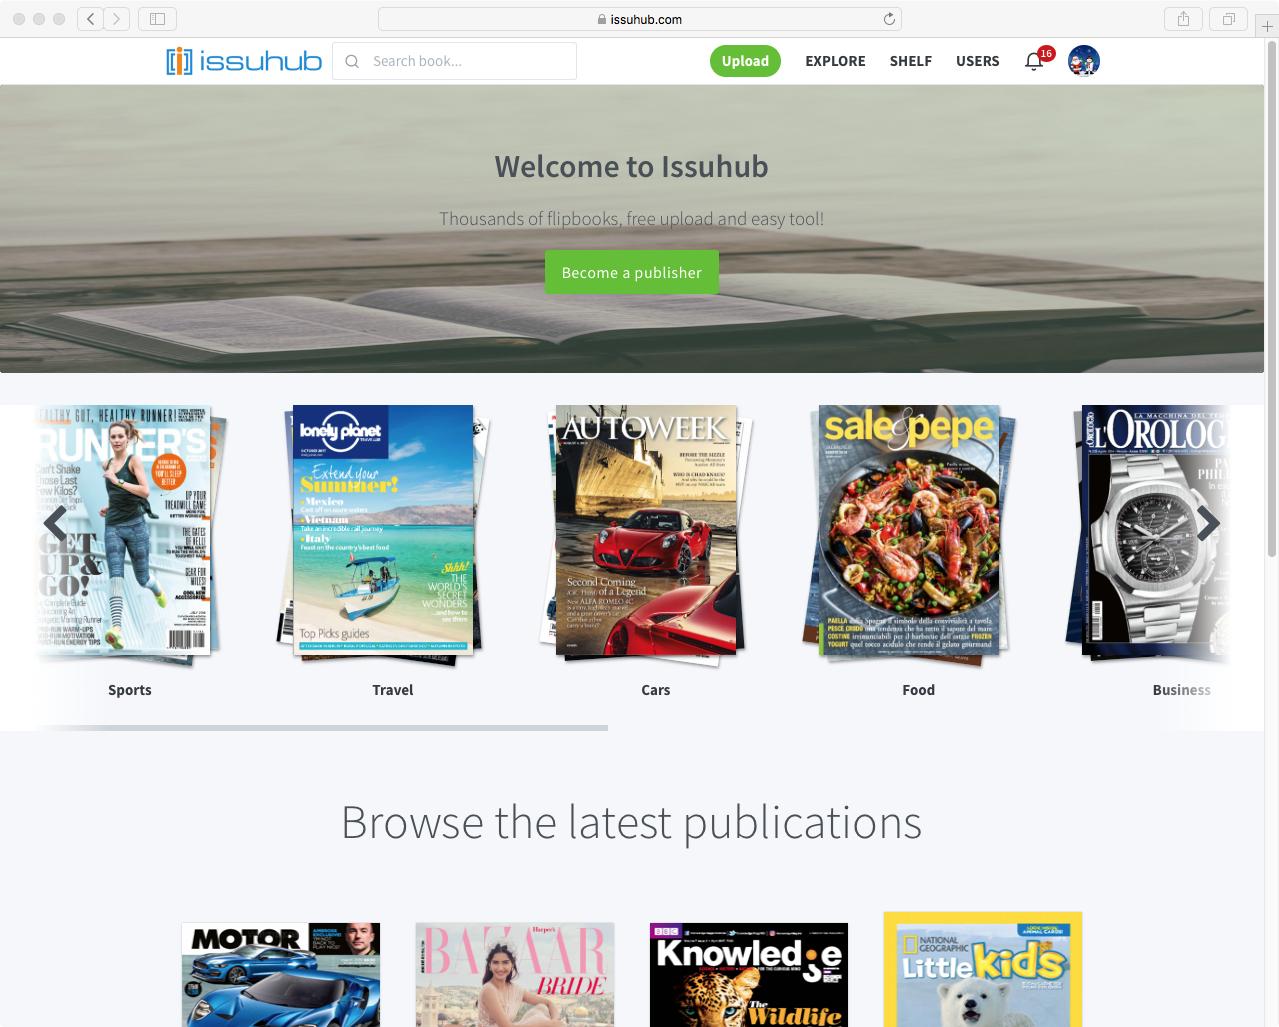 ISSU HUB PRO Gratis 6 MESES - una plataforma de publicación digital para subir revistas, catálogos, etc.